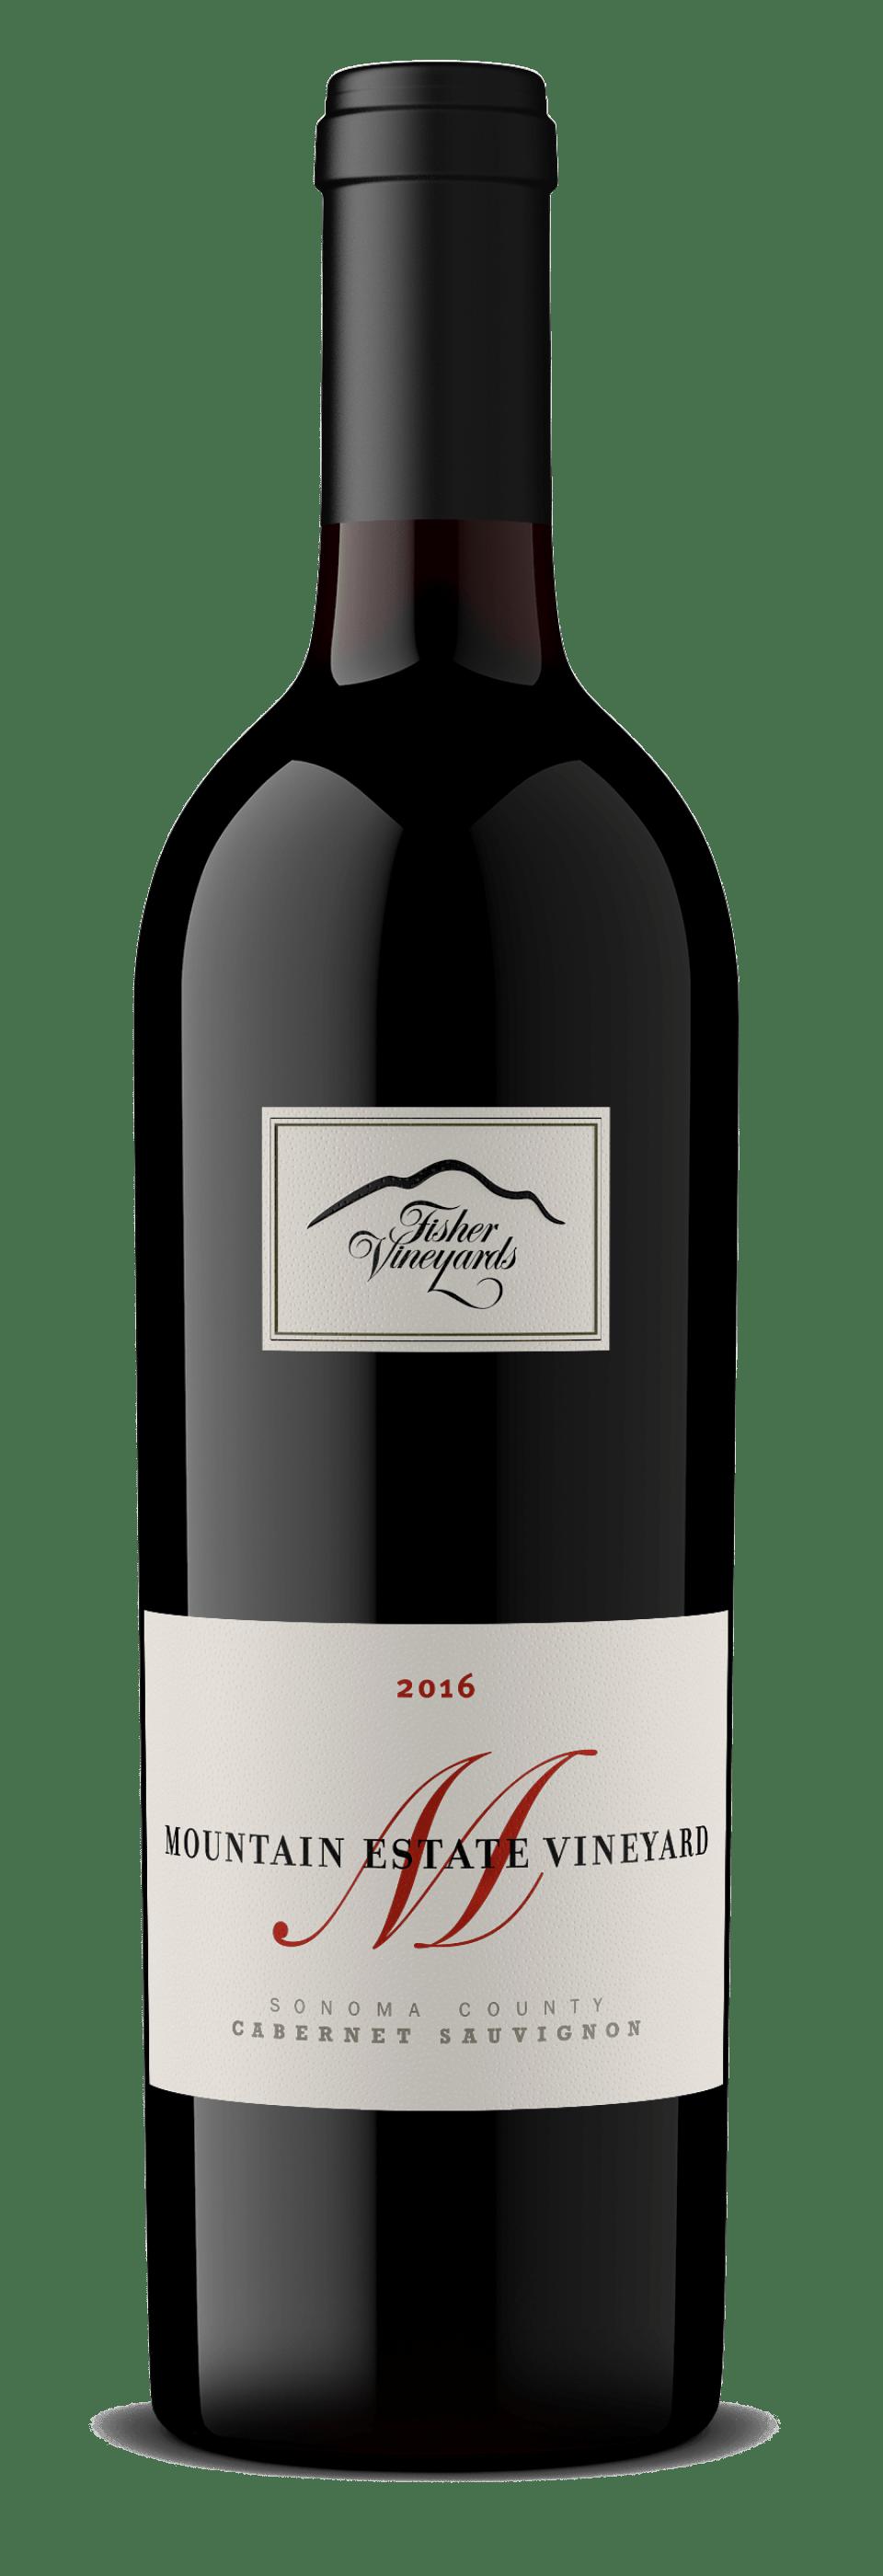 2016 Mountain Estate Vineyard